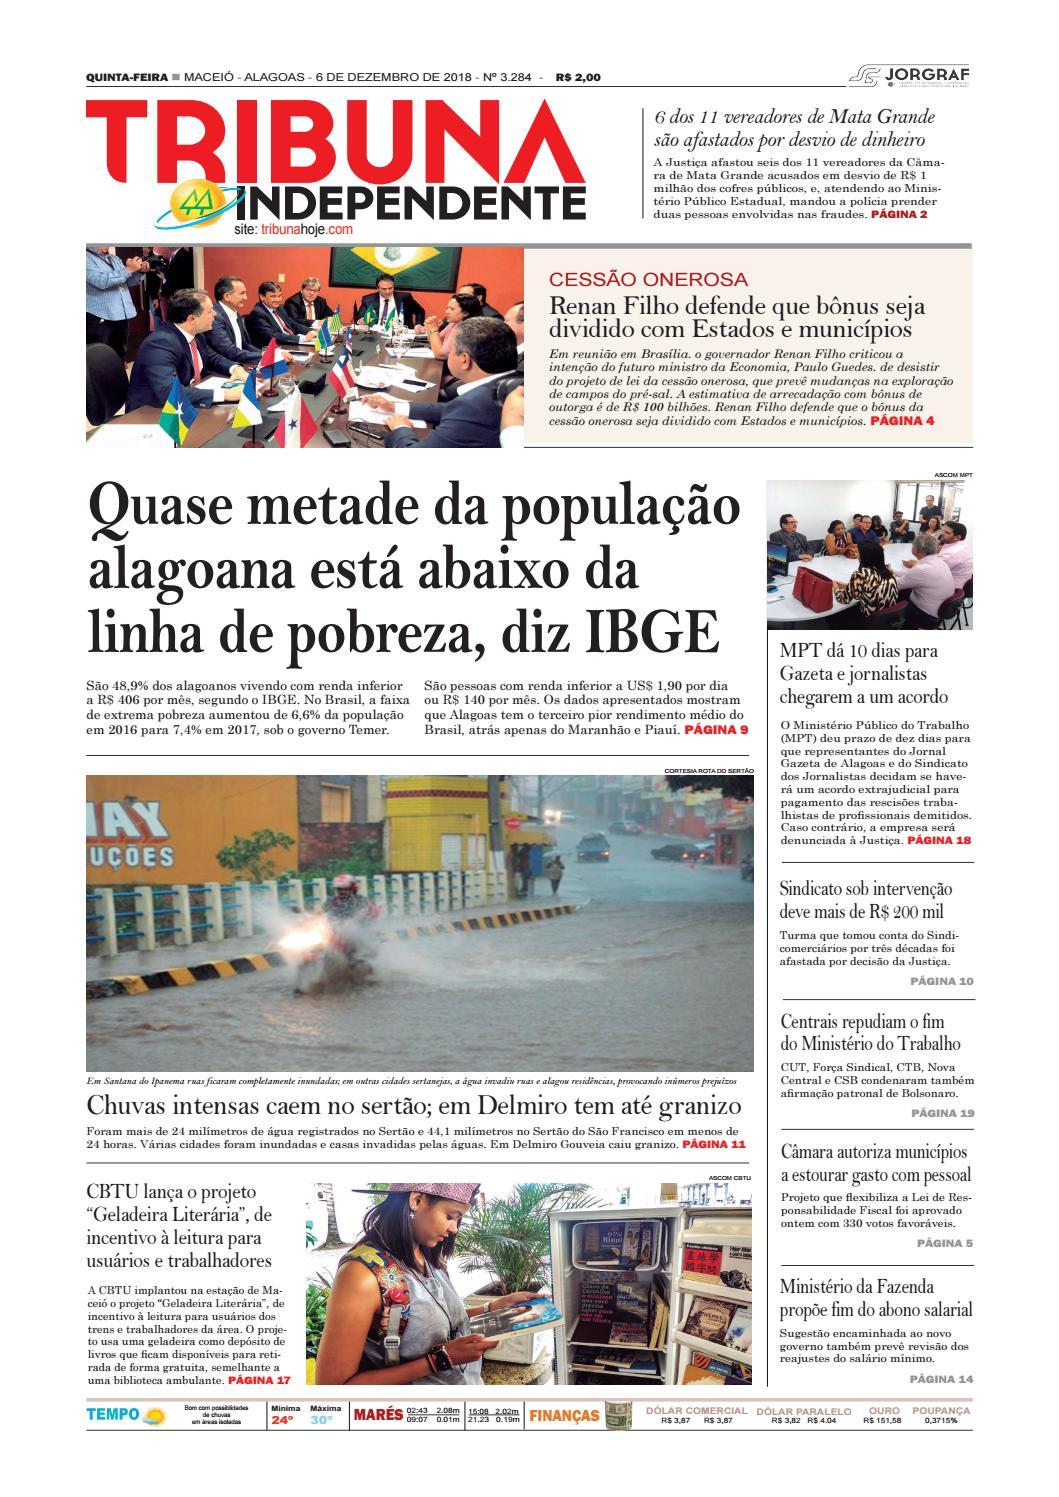 51a2376ab51 Edição número 3284 - 6 de dezembro de 2018 by Tribuna Hoje - issuu